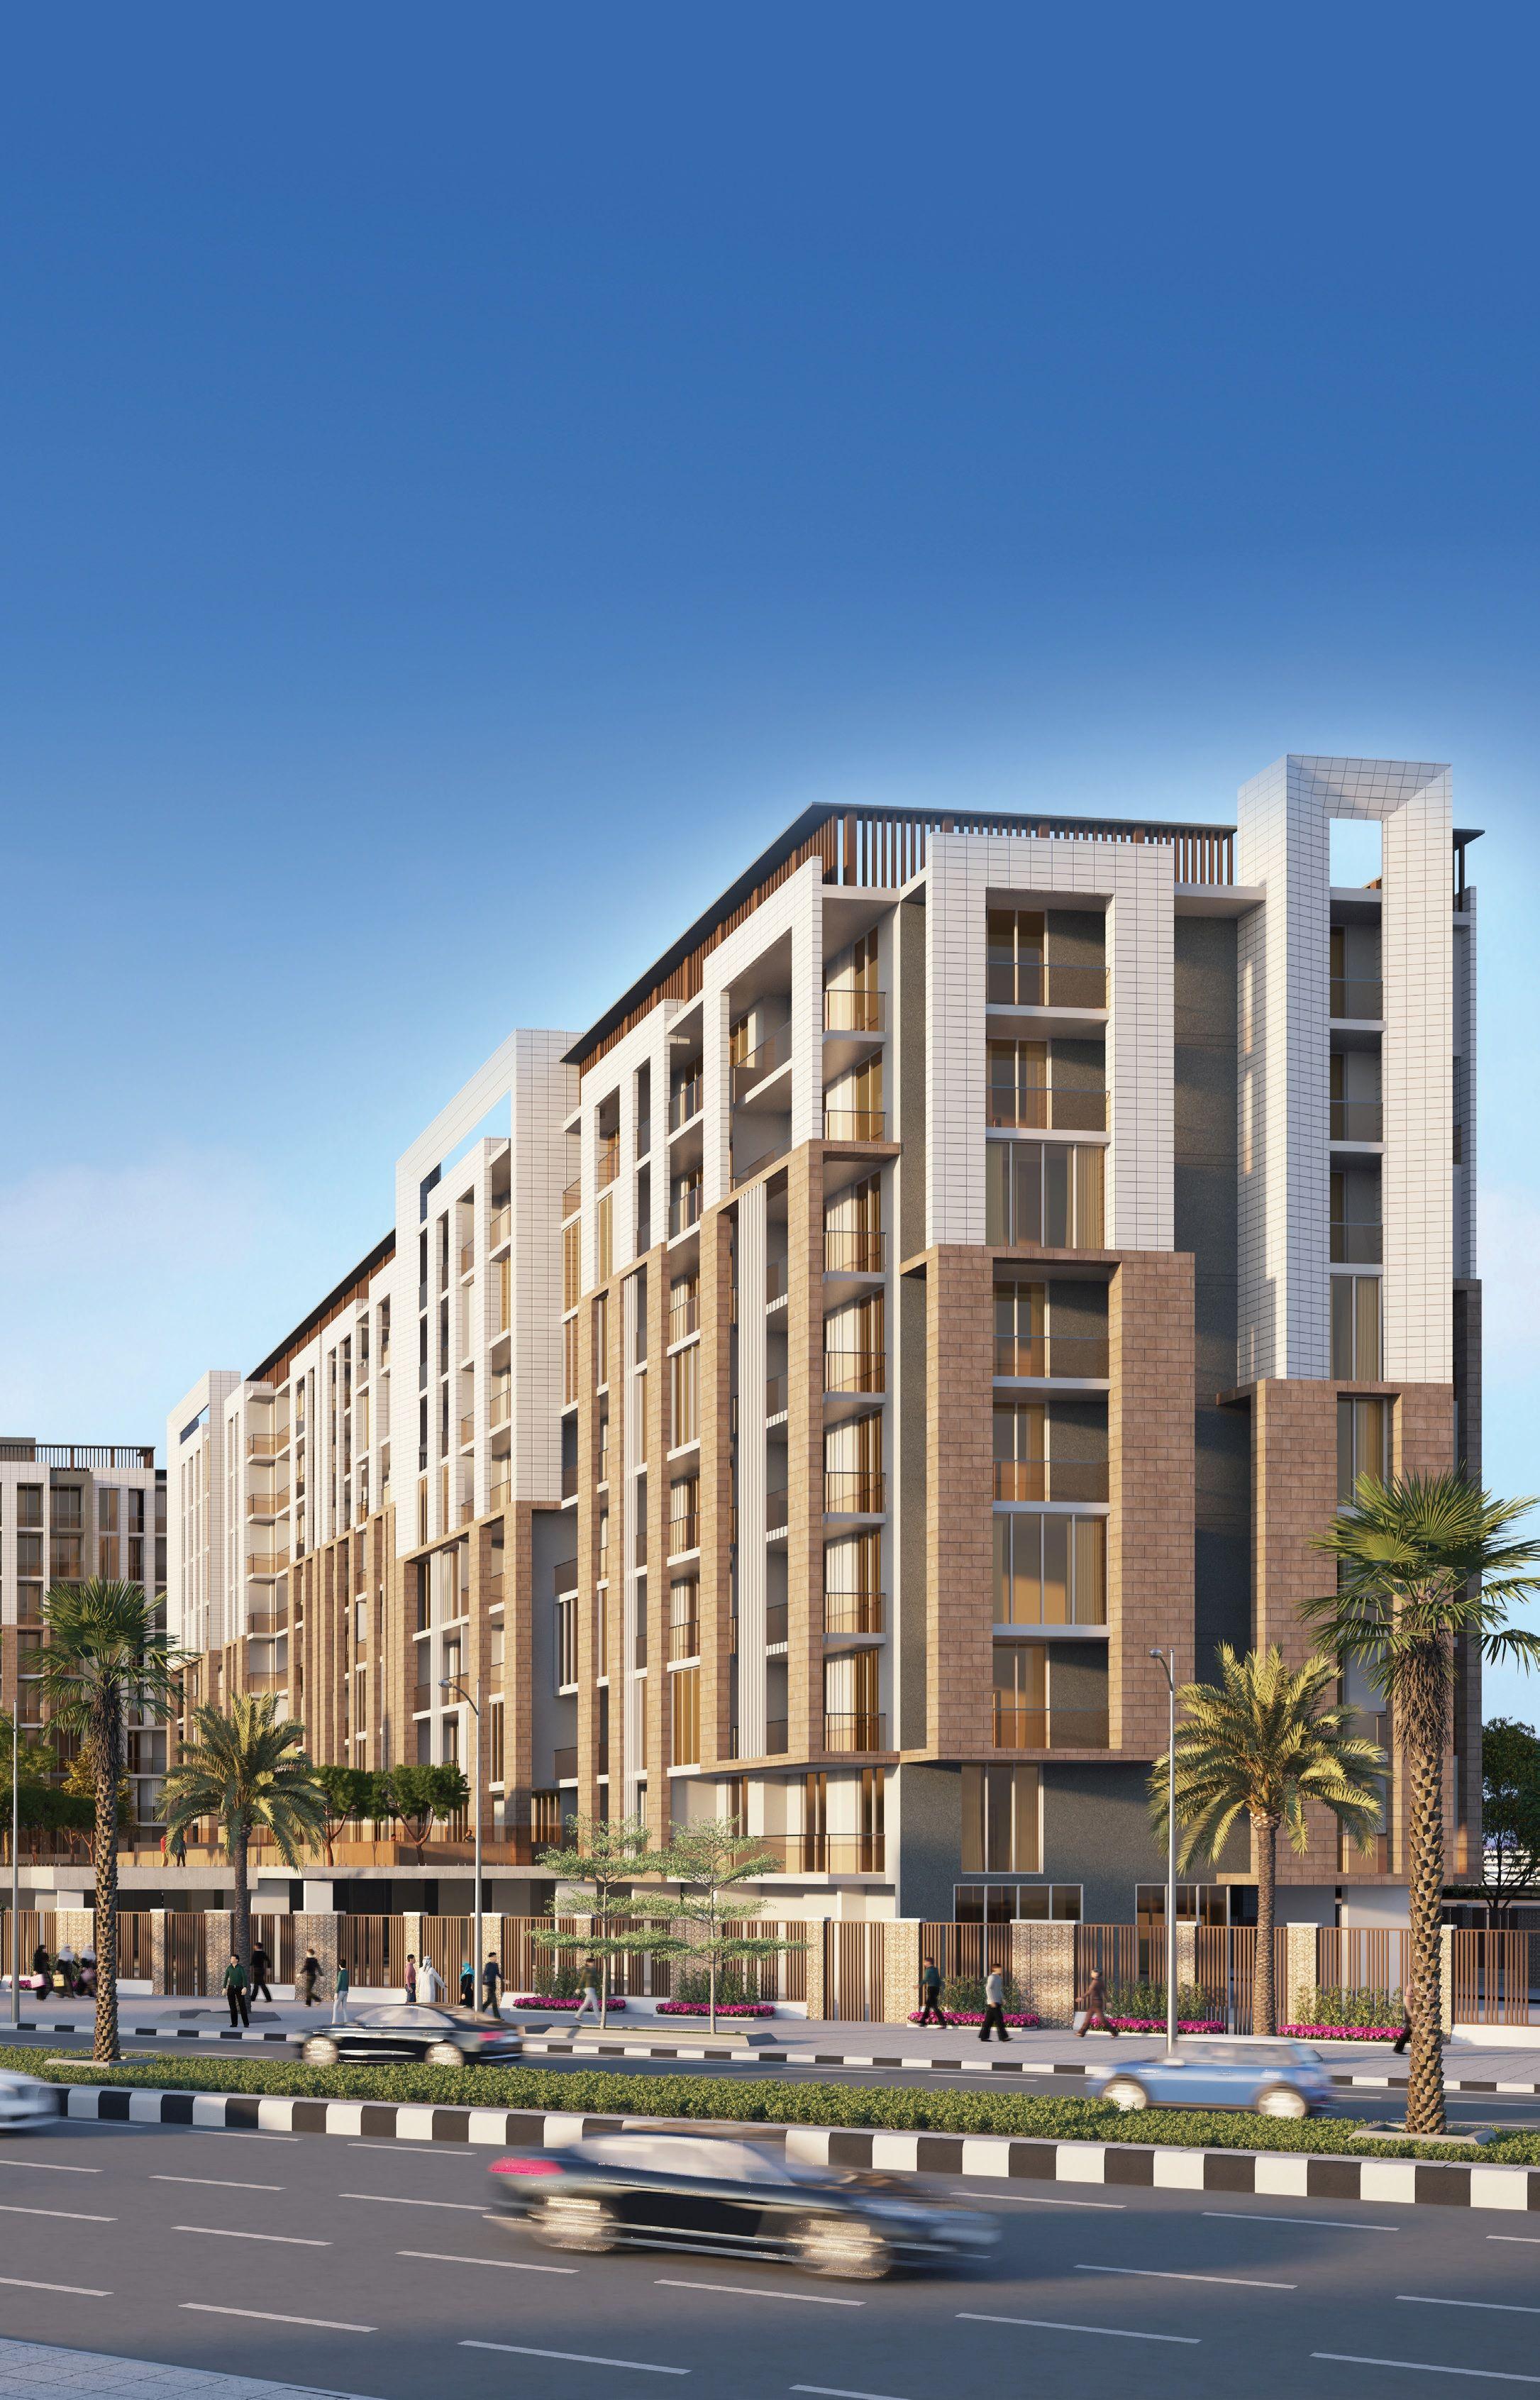 شقة غرفة وصالة للبيع مقابل المرابع العربية ب 489 ألف درهم